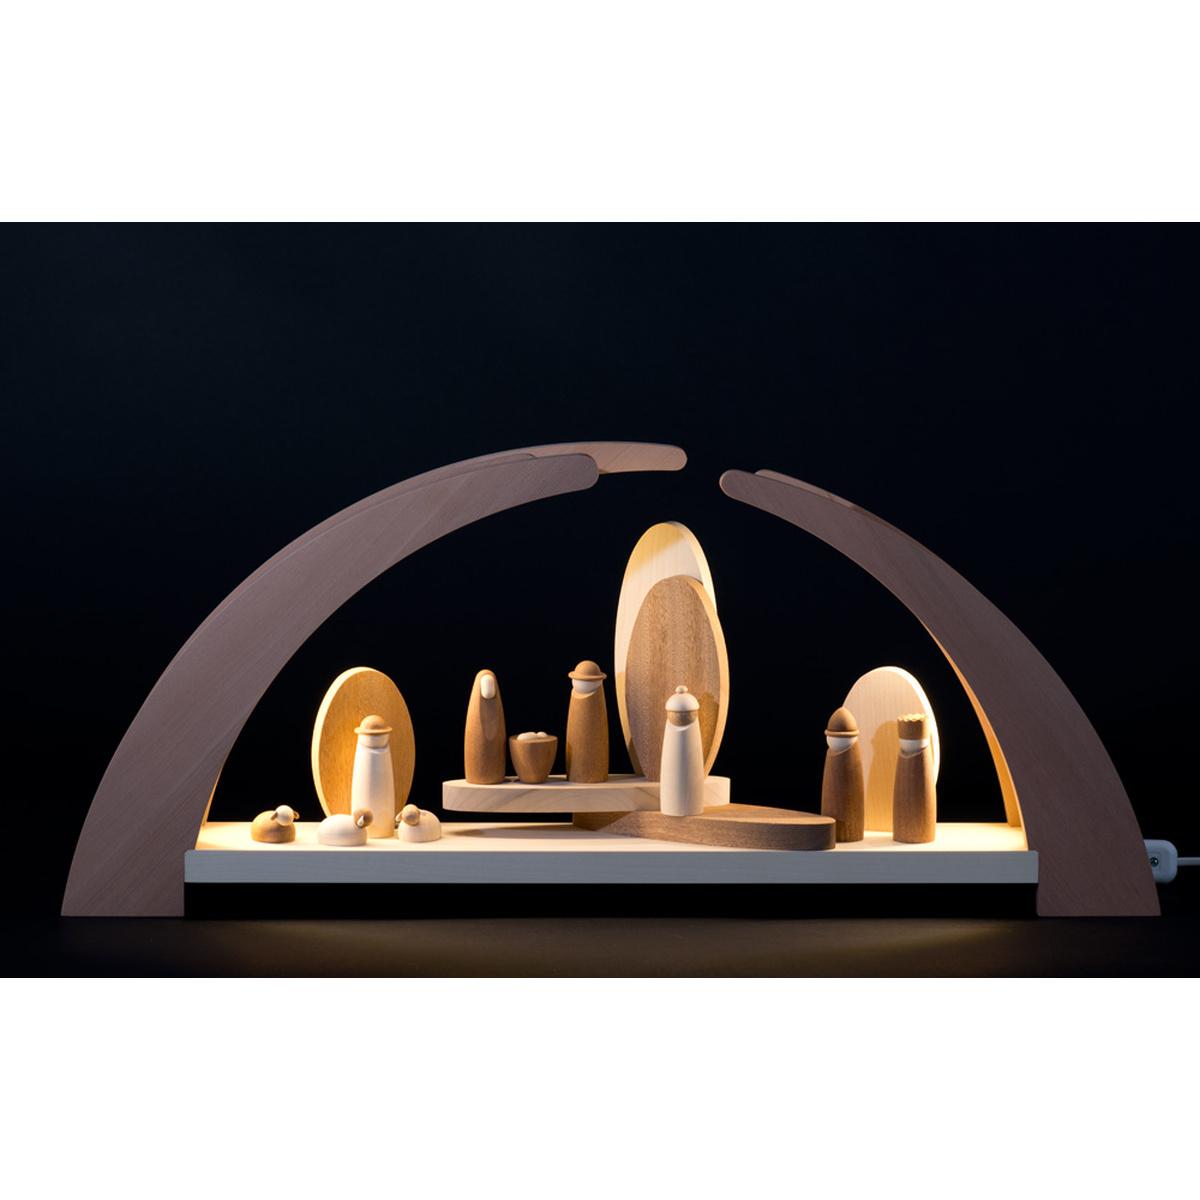 schwibbogen led beleuchtung mit krippefiguren von rauta f r 289 5 kaufen. Black Bedroom Furniture Sets. Home Design Ideas